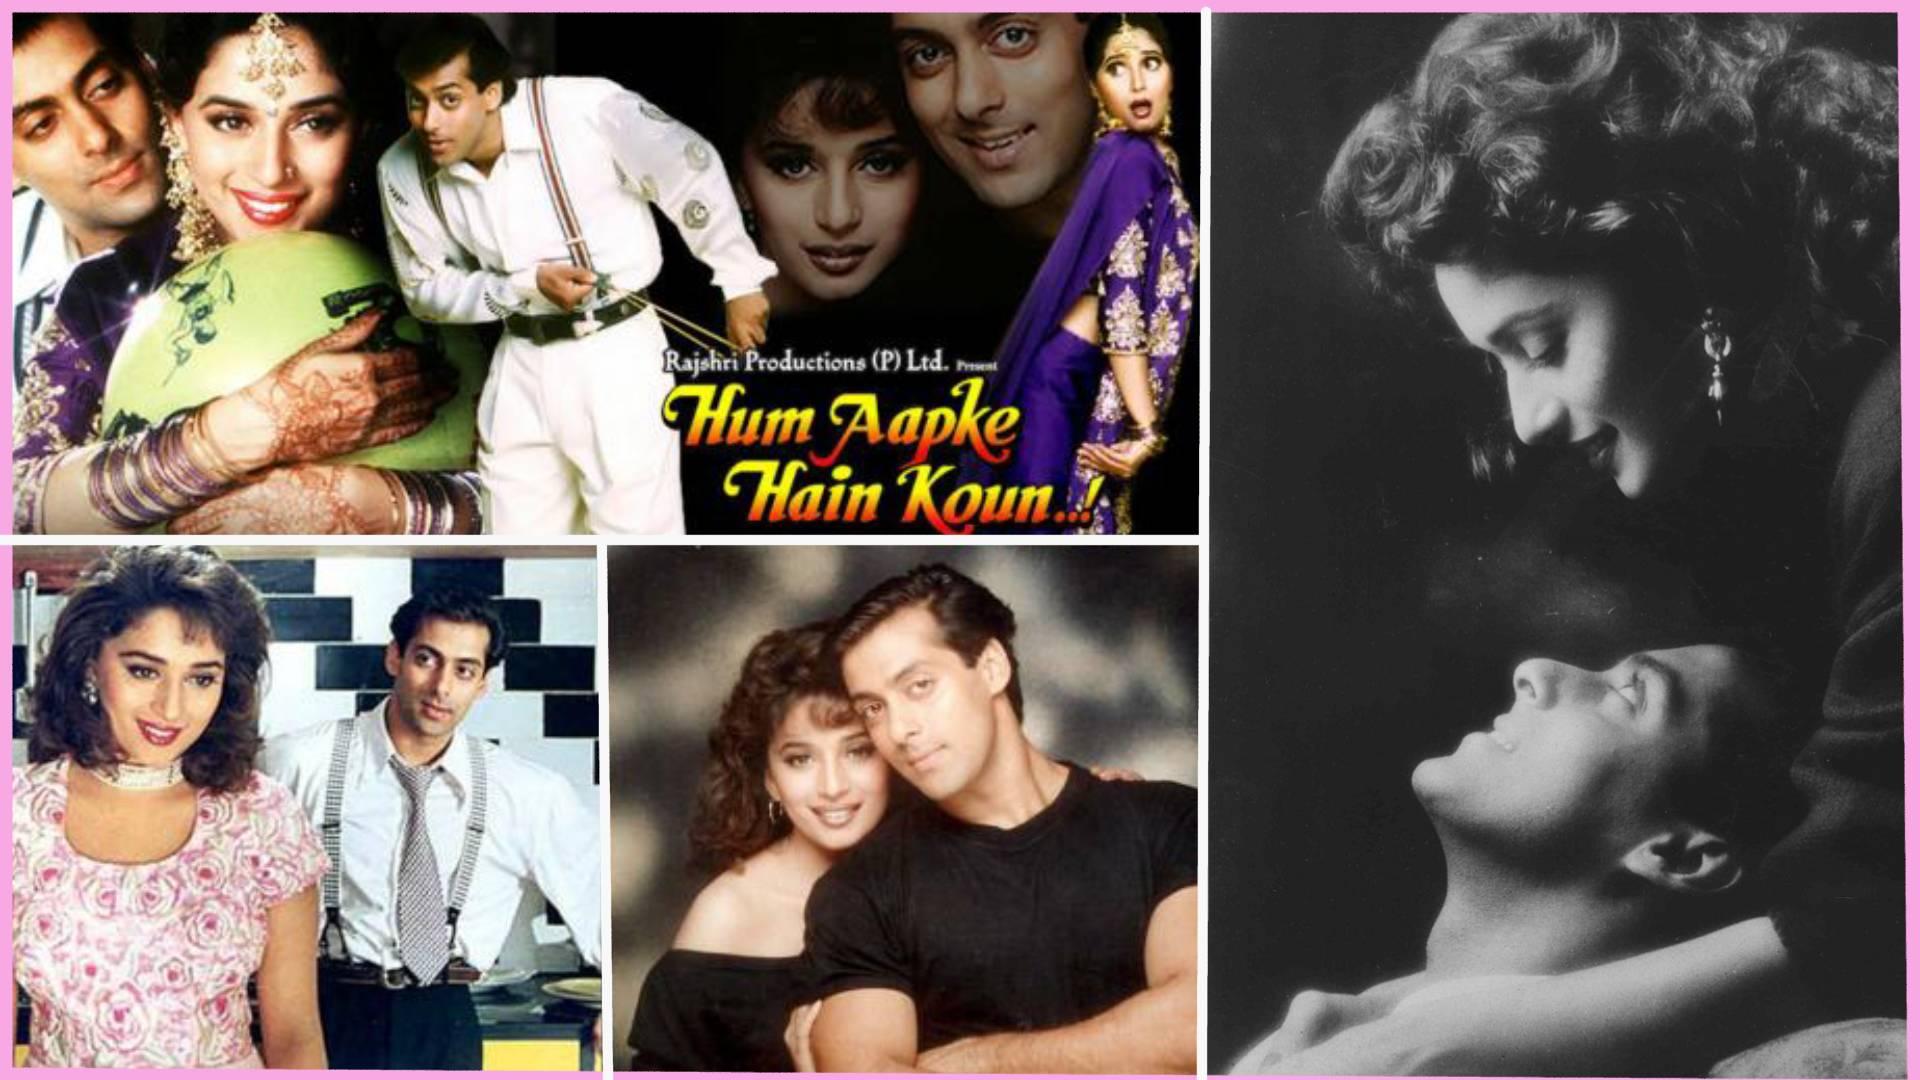 सलमान खान-माधुरी दीक्षित की फिल्म हम आपके हैं कौन ने 25 साल किए पूरे, तस्वीरों में देखिए दोनों का दिलकश अंदाज